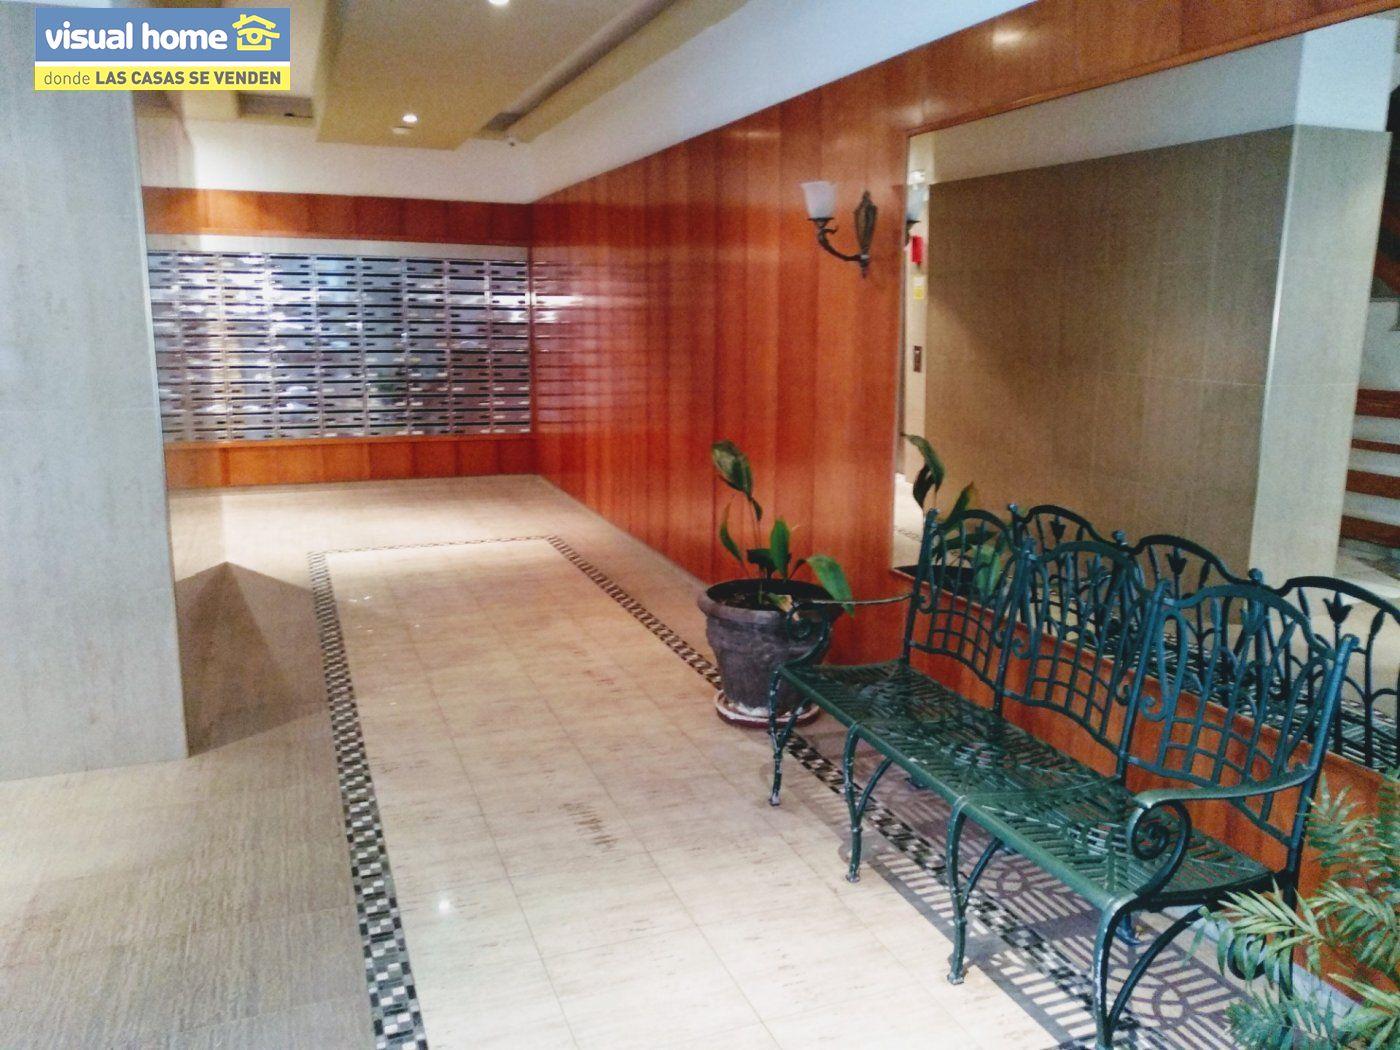 Apartamento 1 dormitorio con vistas espectaculares con parking y piscina en Rincón de Loix llano 28